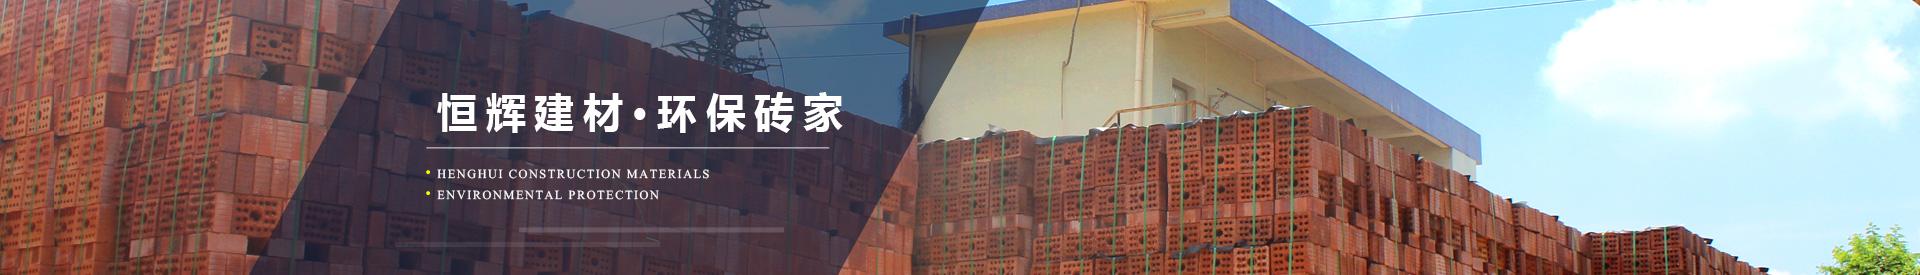 广东环保砖